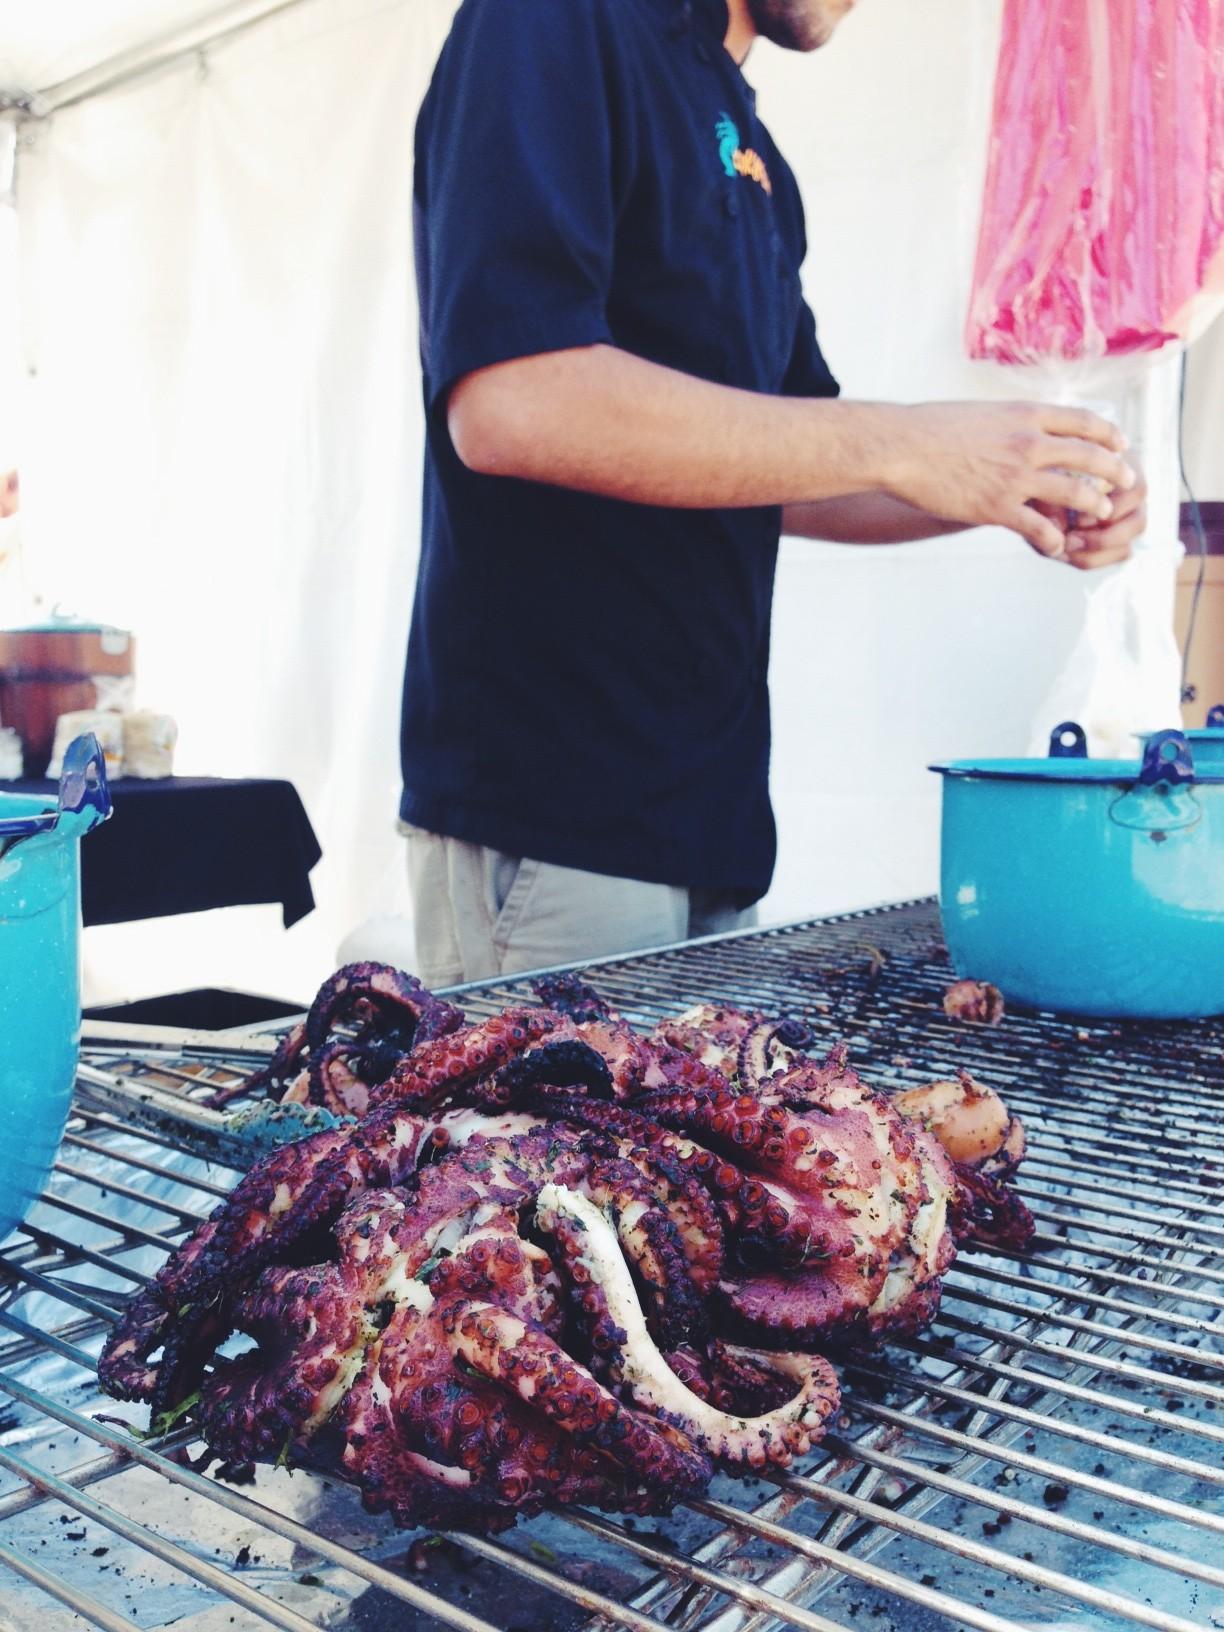 latinfoodfest-tacoskokopelli-e1380006474108.jpg